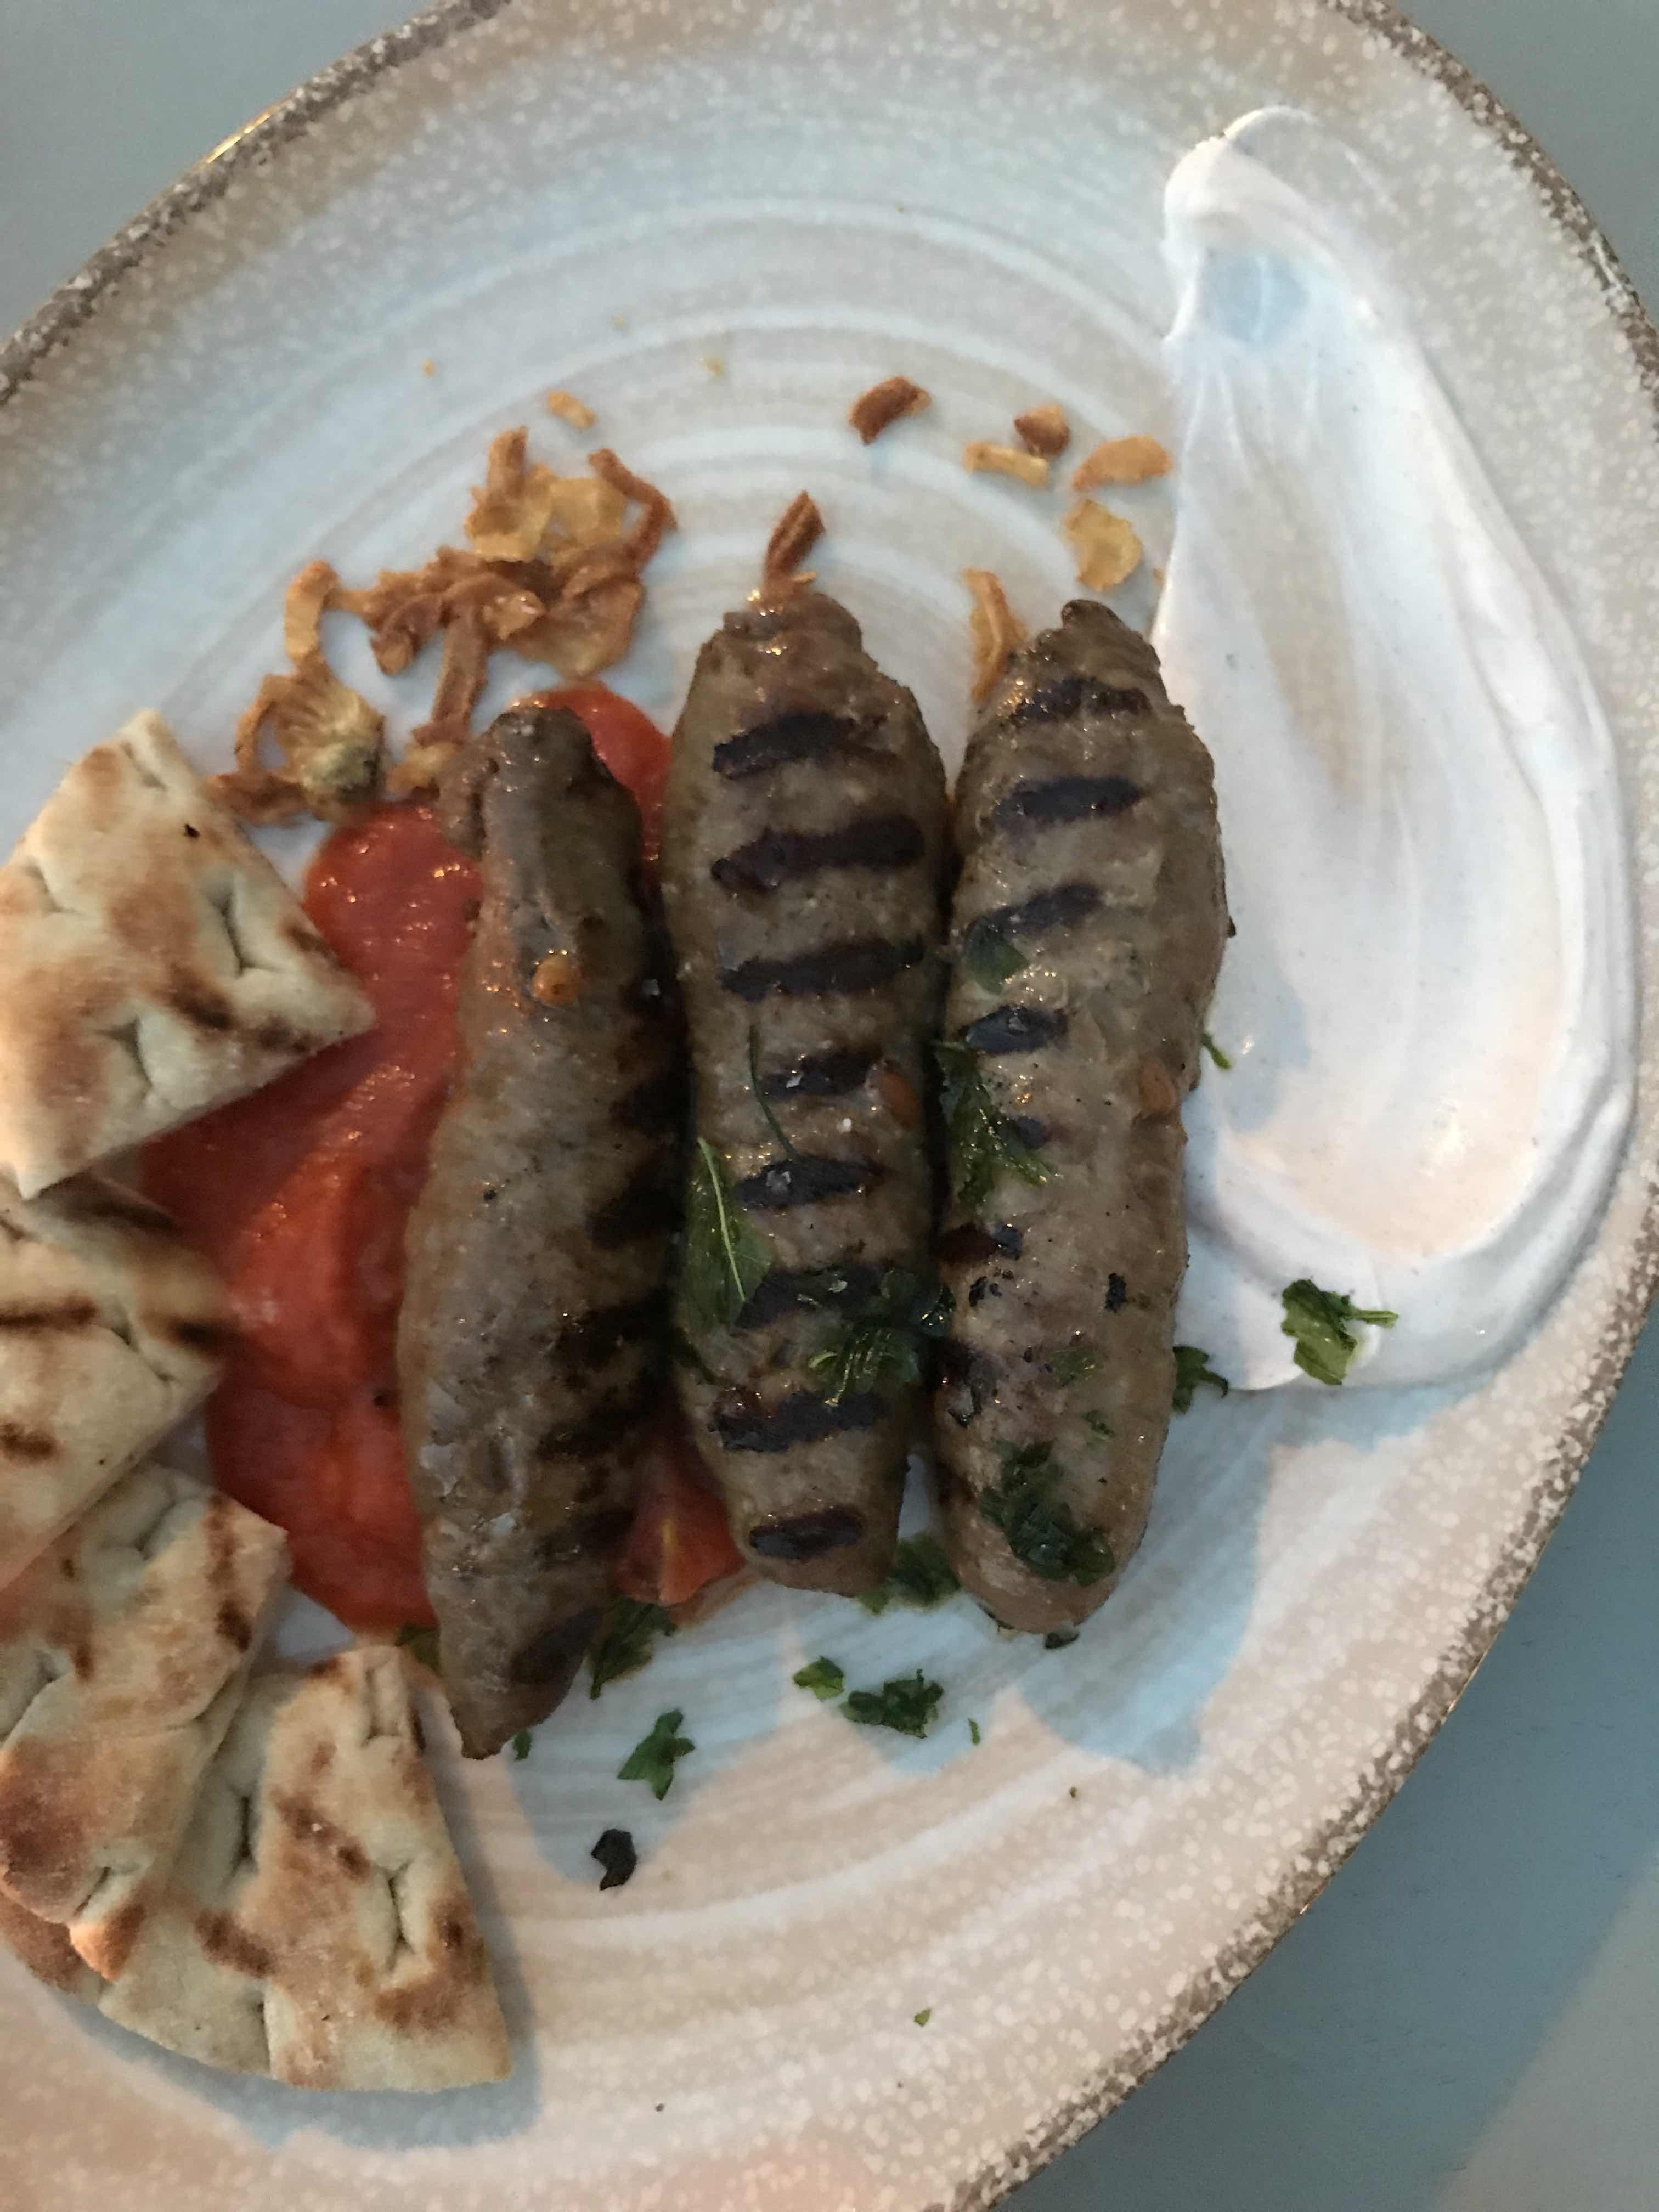 Greek kofta